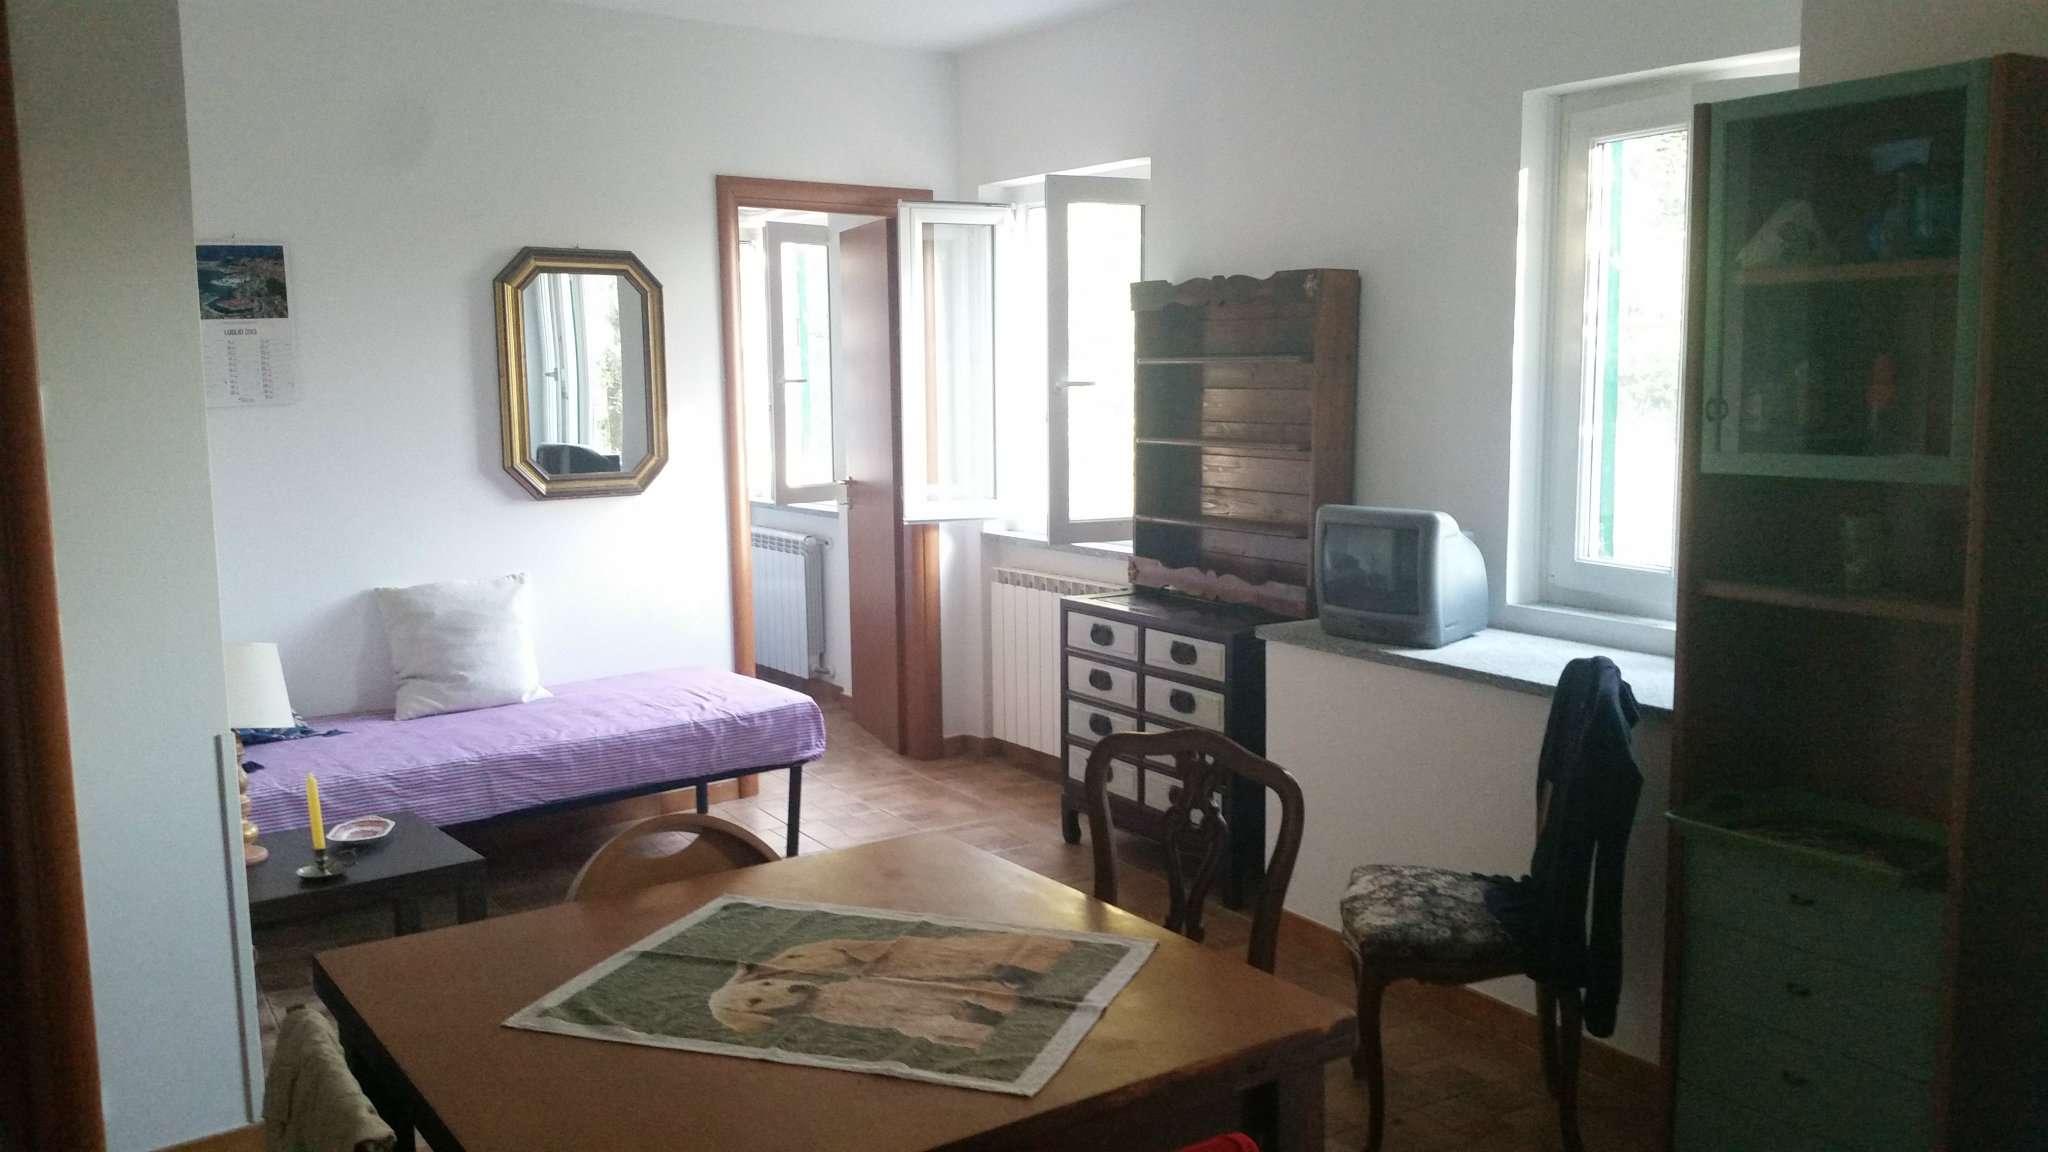 Soluzione Indipendente in vendita a Avegno, 5 locali, prezzo € 185.000 | Cambio Casa.it